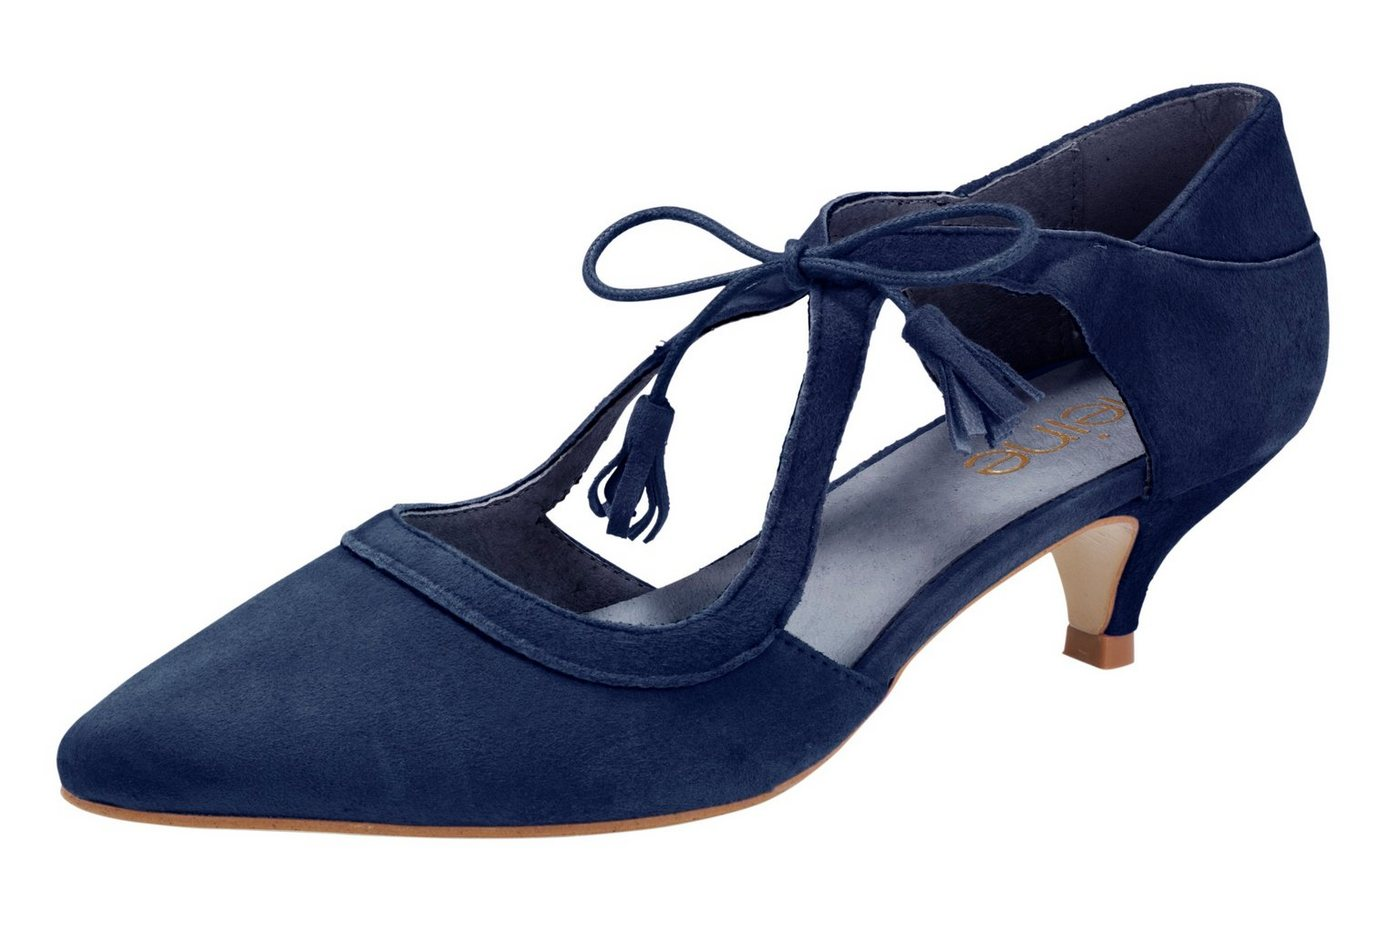 Heine Schnürpumps mit individueller Schnürung   Schuhe > Pumps > Schnürpumps   Blau   heine